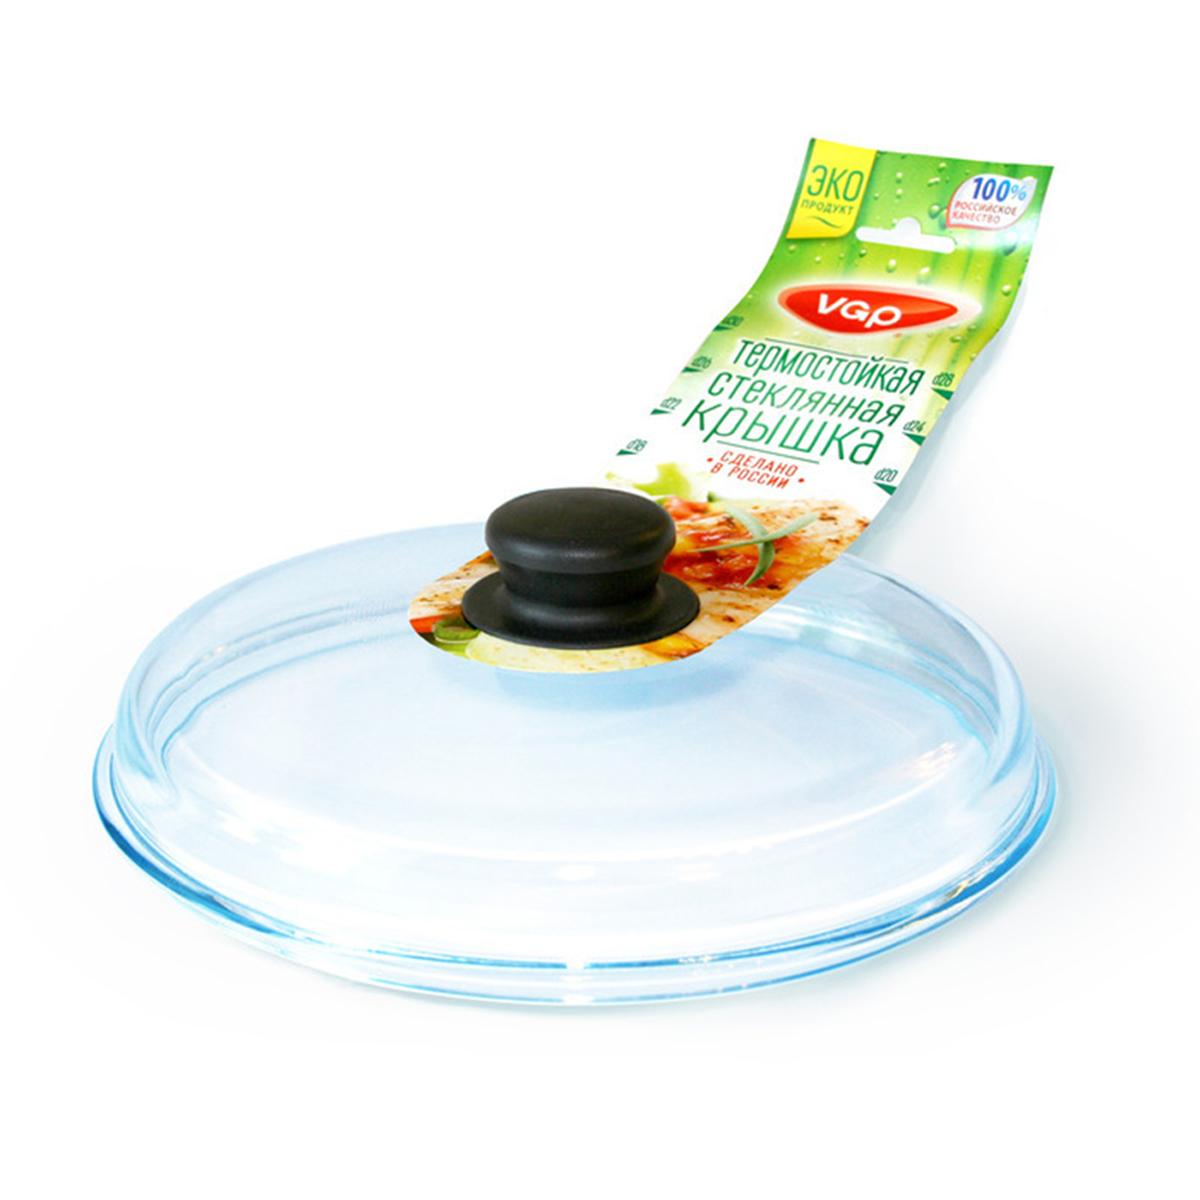 Крышка VGP, прессованная, высокая, диаметр 20 см0696Высокая прессованная крышка диаметром 20 см станет незаменимым аксессуаром для приготовления пищи на любой кухне. Она изготовлена из высококачественного жаропрочного стекла, а также оснащена бакелитовой ручкой, обеспечивающей не только комфорт, но и безопасное использование. Кроме того, данная модель подходит для мытья в посудомоечной машине. Крышка совместима с посудой диаметром 20 см.